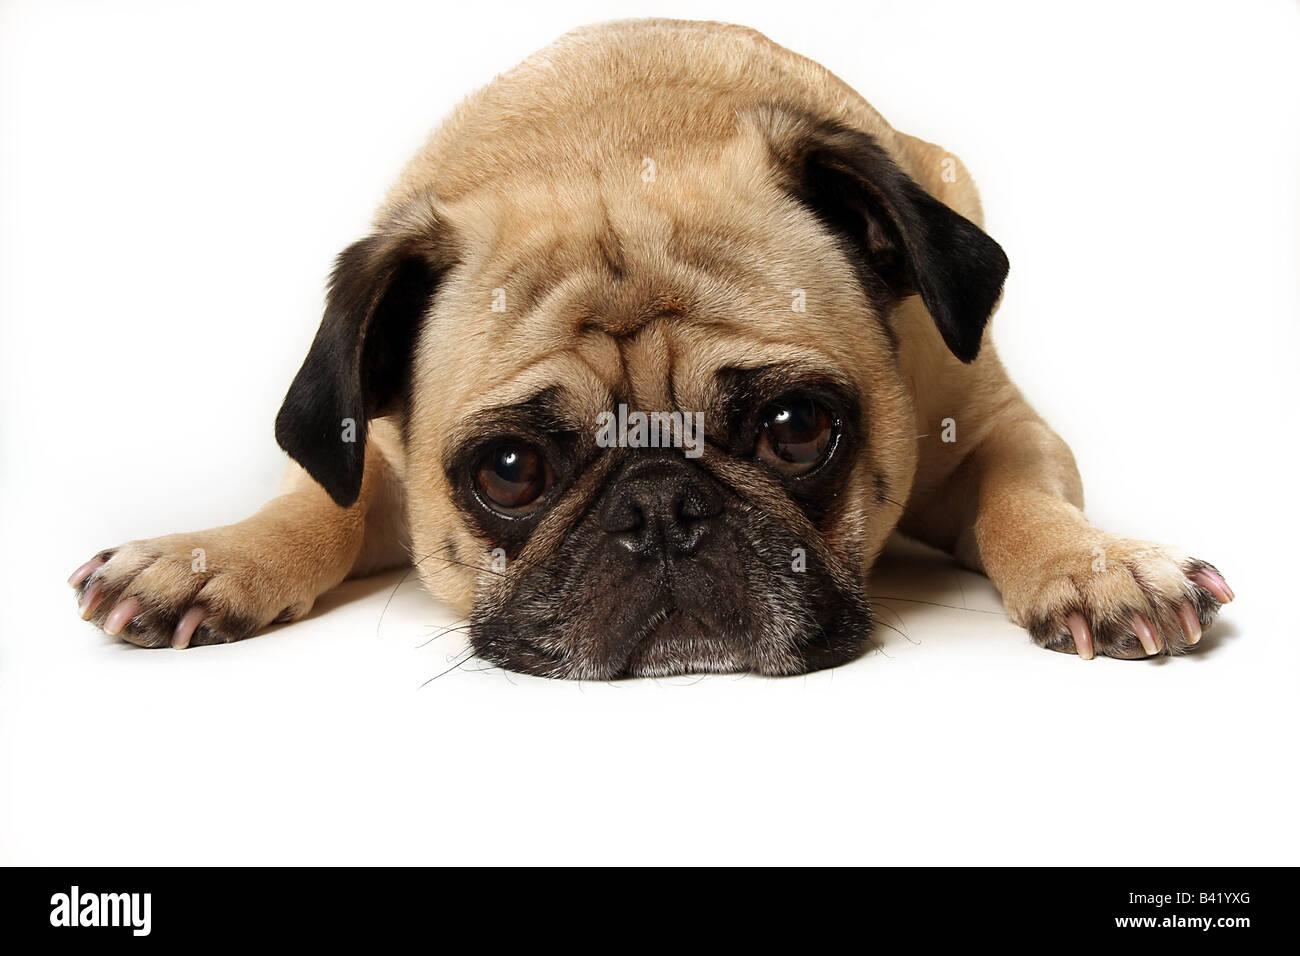 Sad Pug isolated on white. - Stock Image